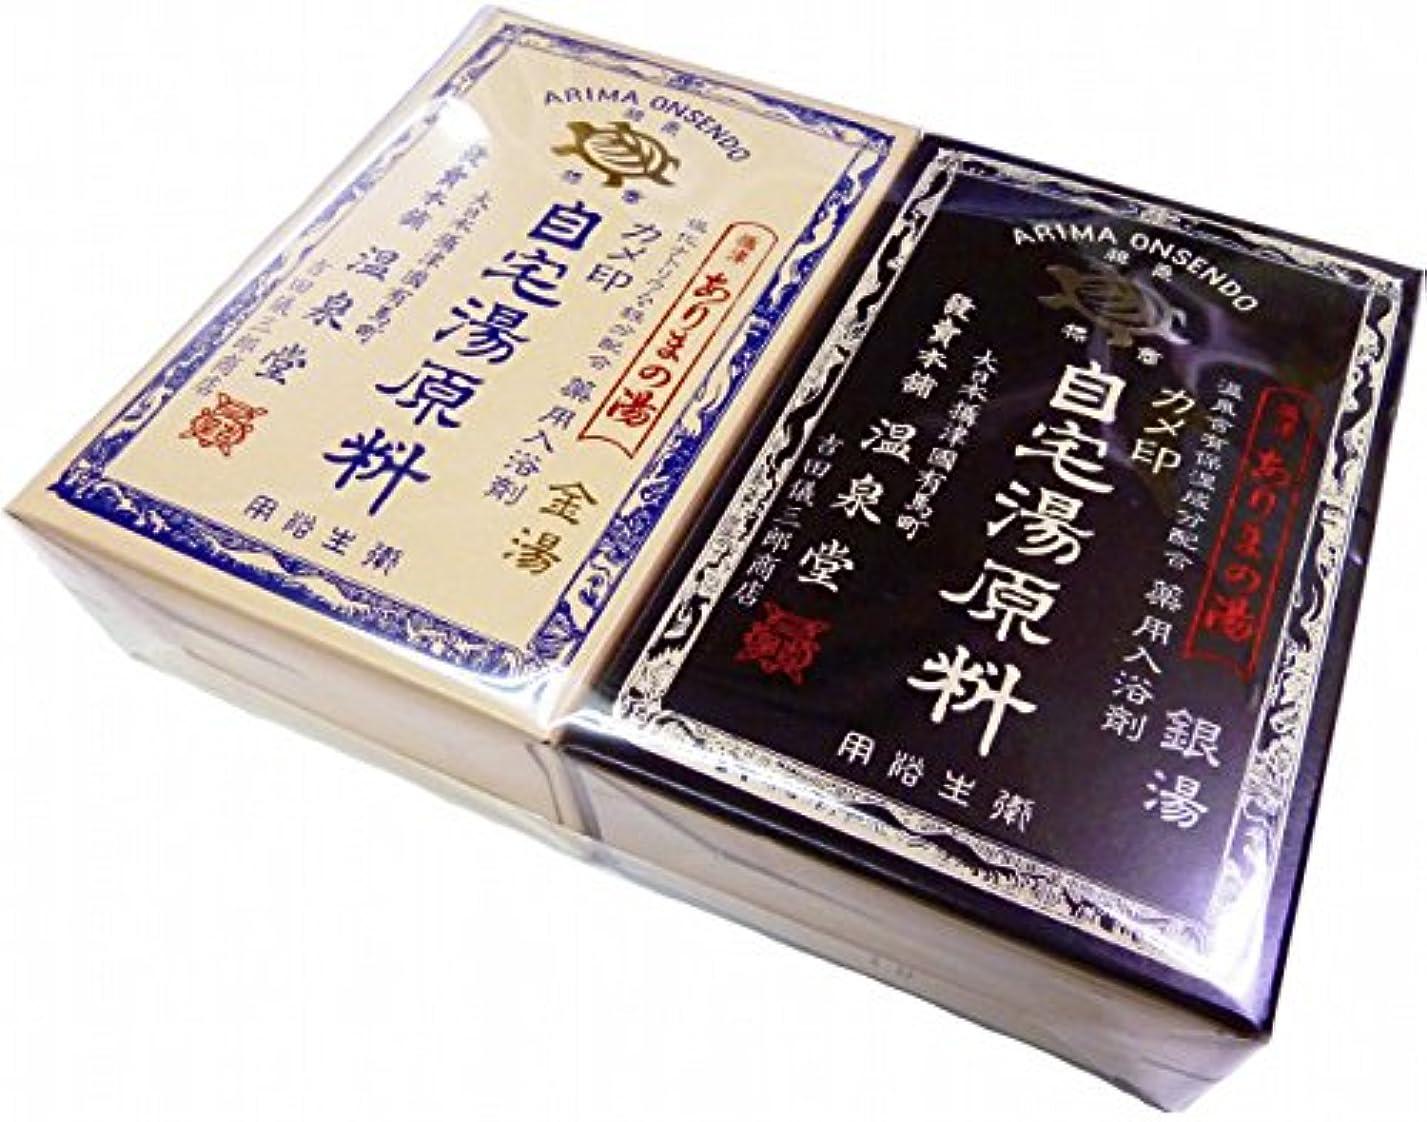 ラップトップ成長するモルヒネカメ印 摂津有馬の湯 自宅湯原料 《金湯?銀湯》5包入り箱ペアセット